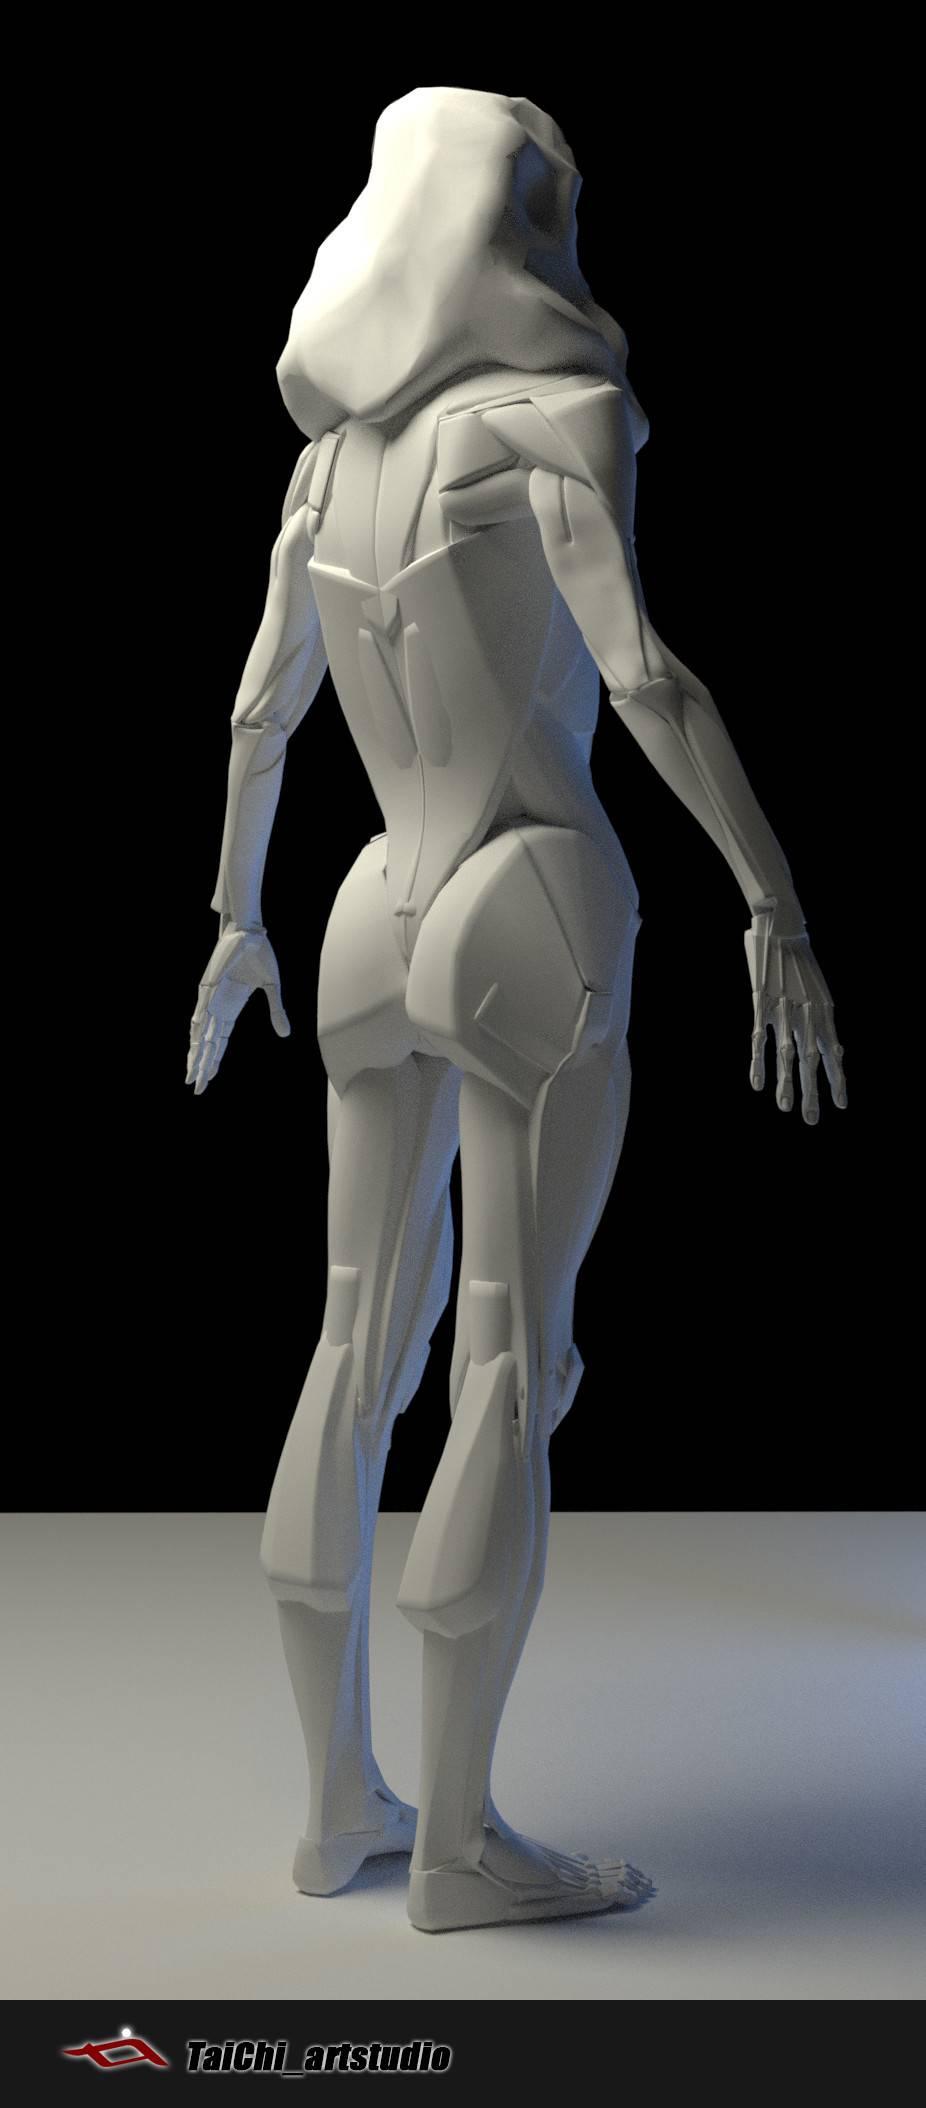 非常不错的人体分面图,美术练习的好东西! - R站|学习使我快乐! - 7